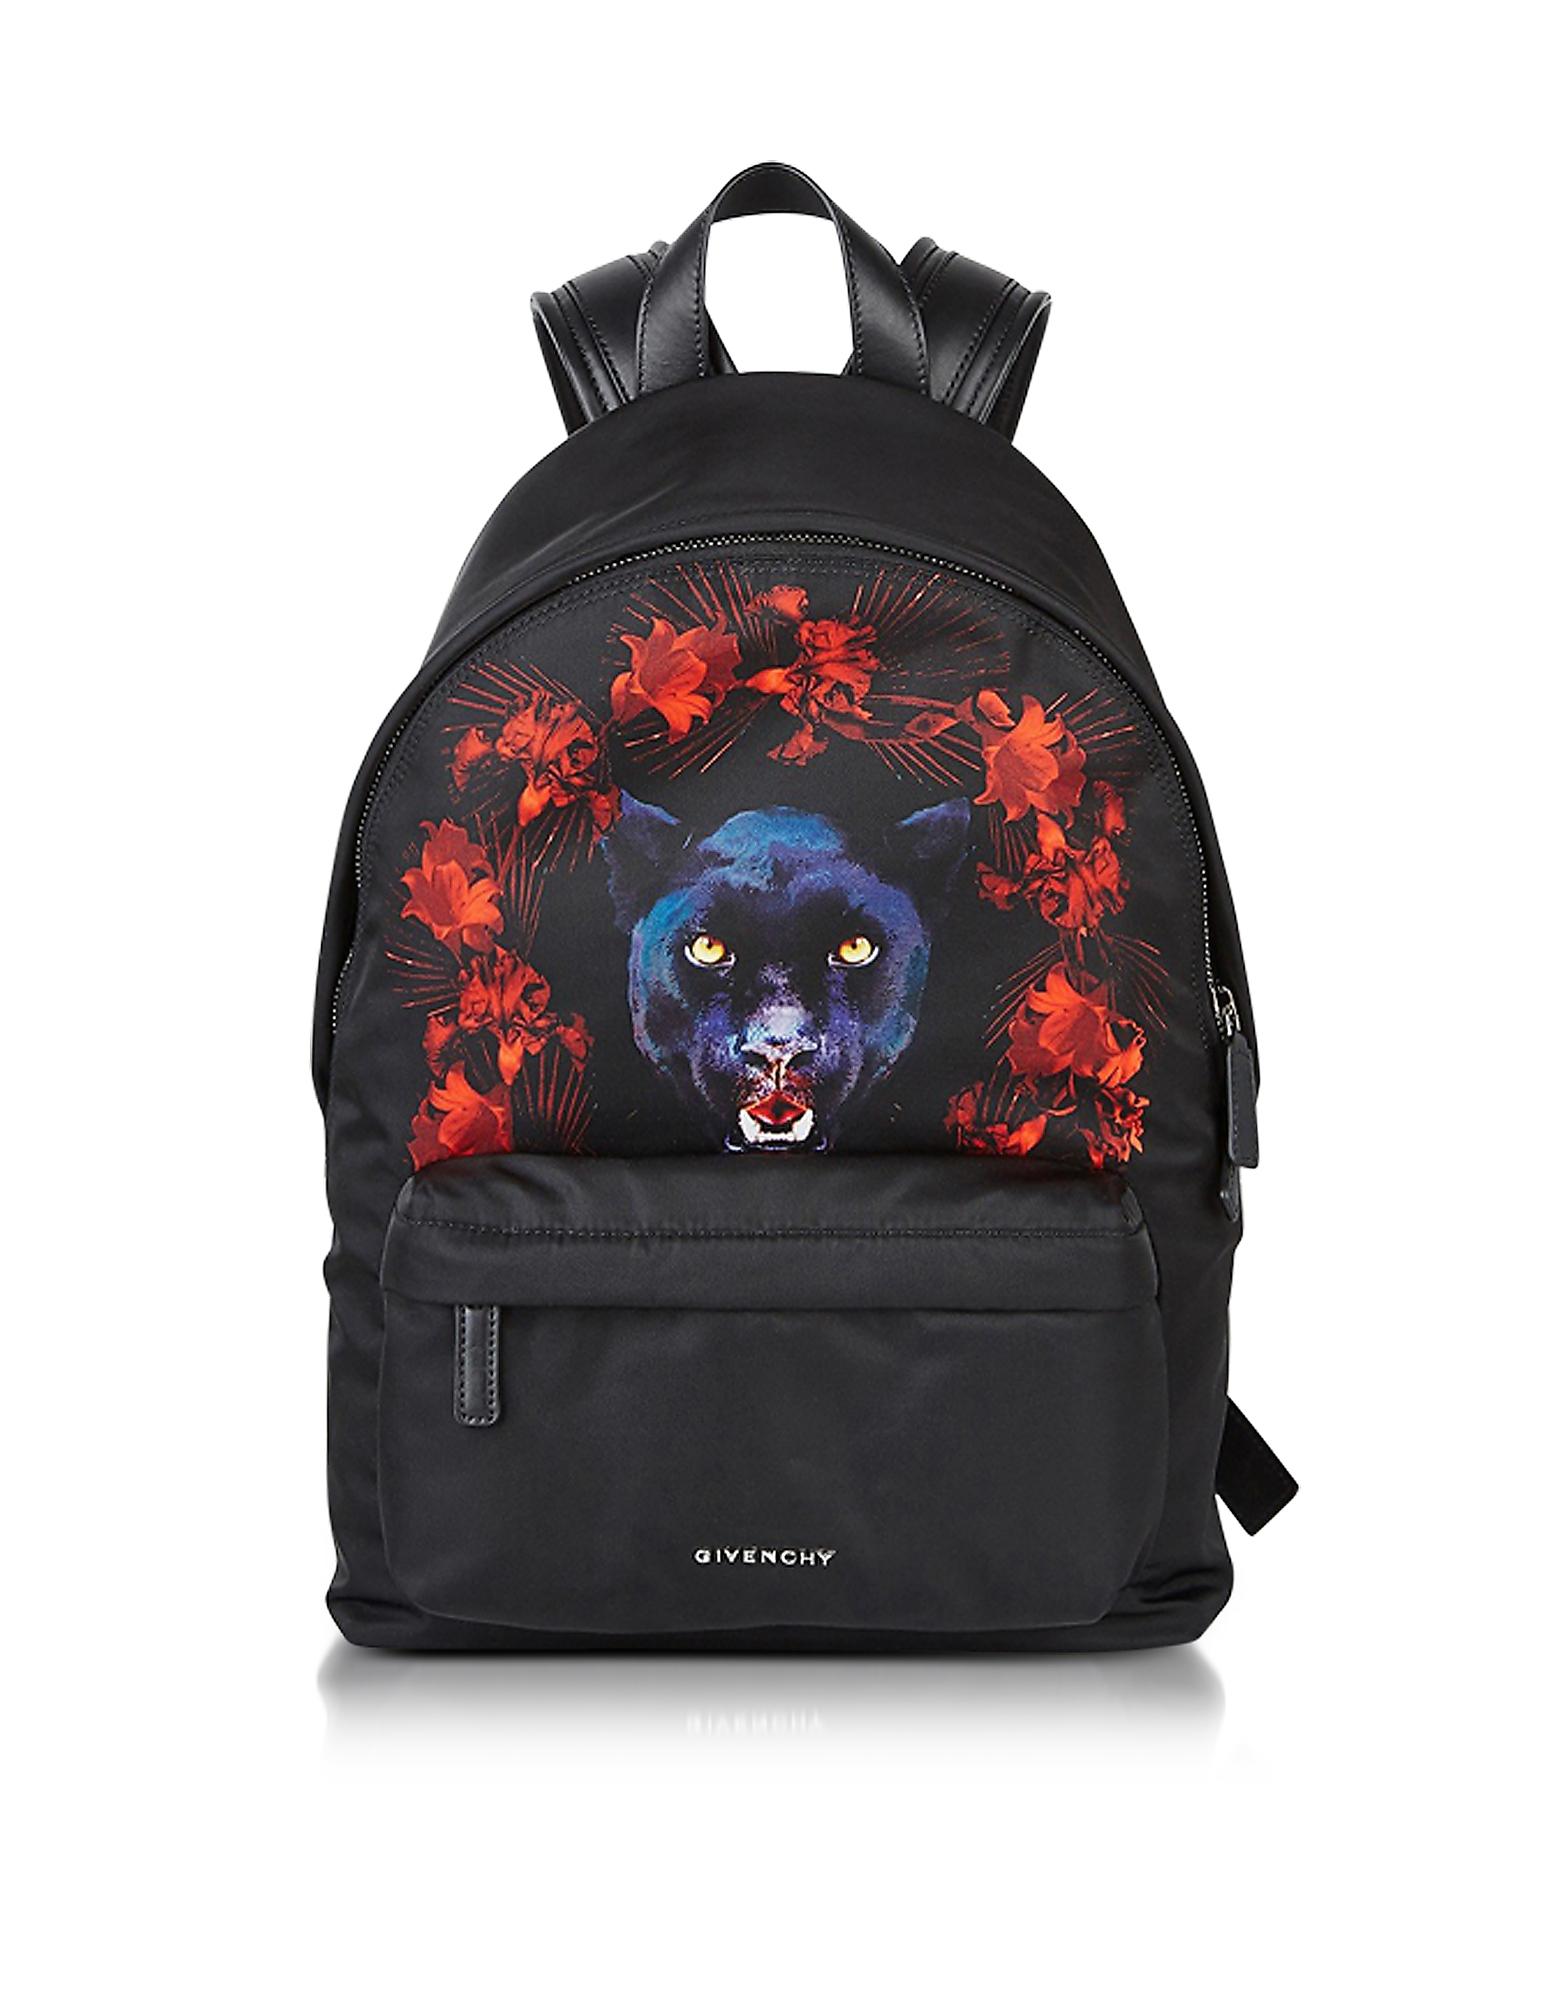 Givenchy Handbags, Black Nylon Jaguar Printed Small Backpack